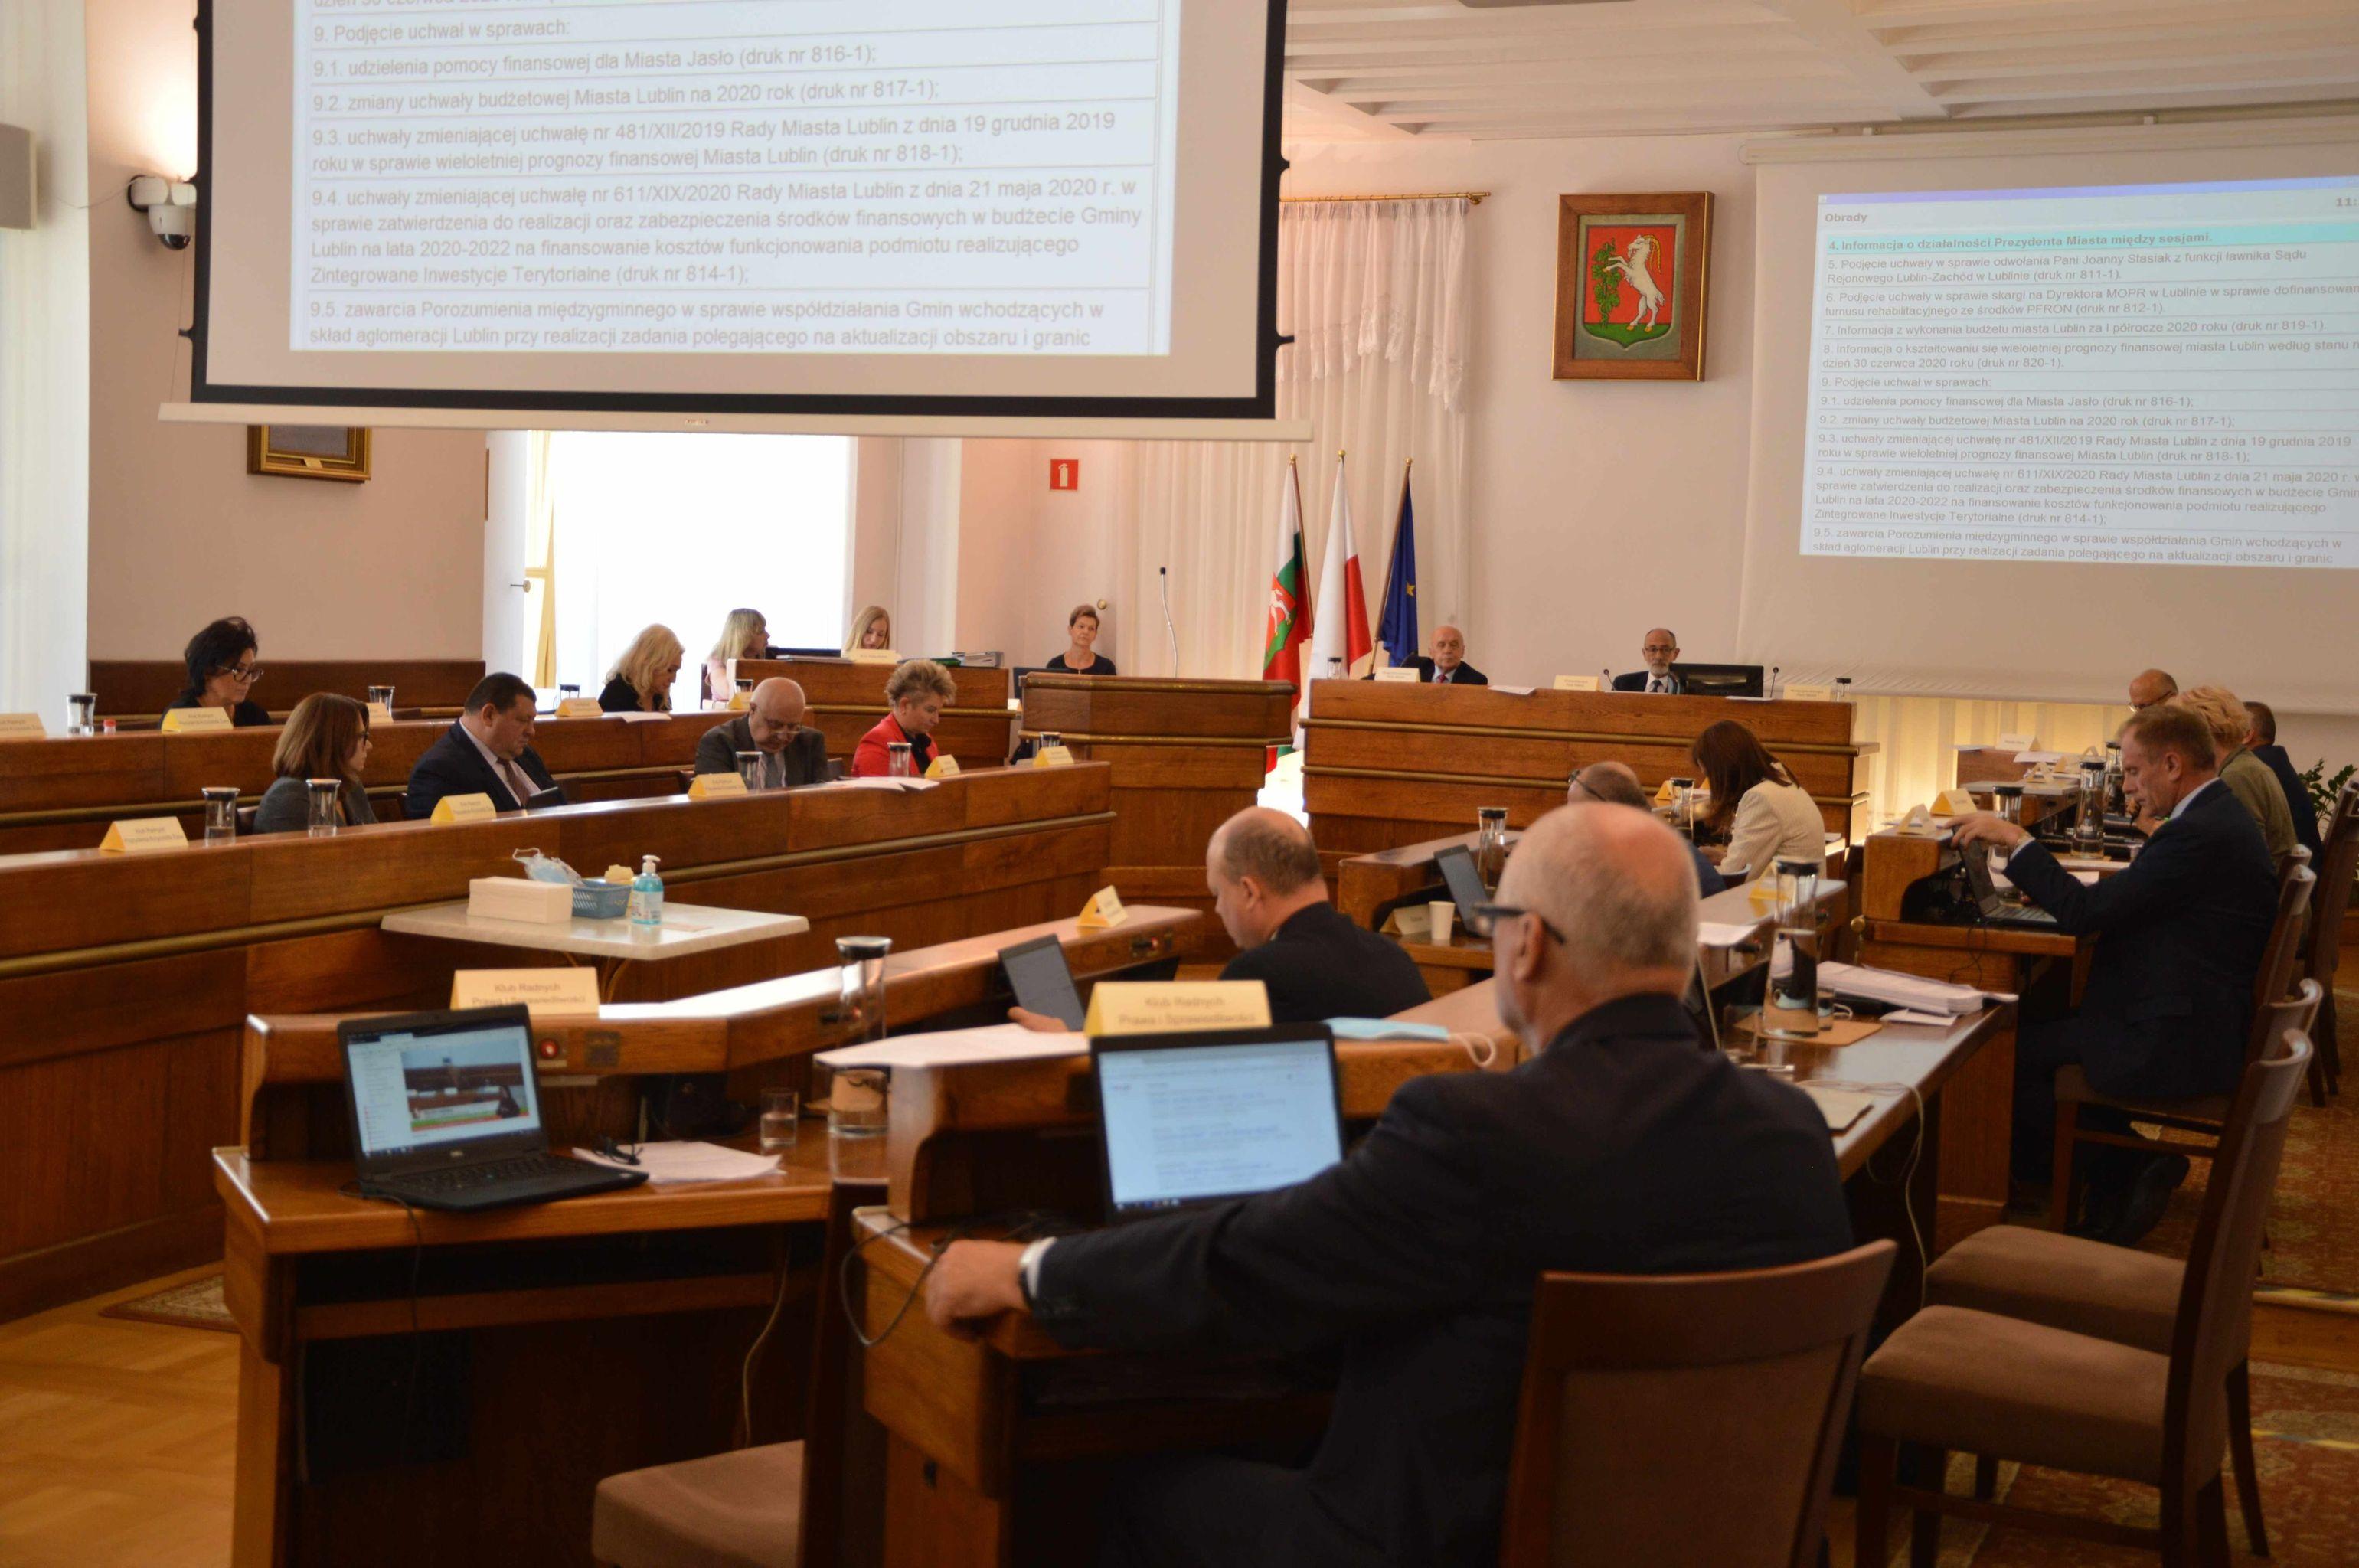 Lublin: Radni potrzebują więcej czasu? Fundacja Wolności chce zmian w głosowaniach nad budżetem - Zdjęcie główne